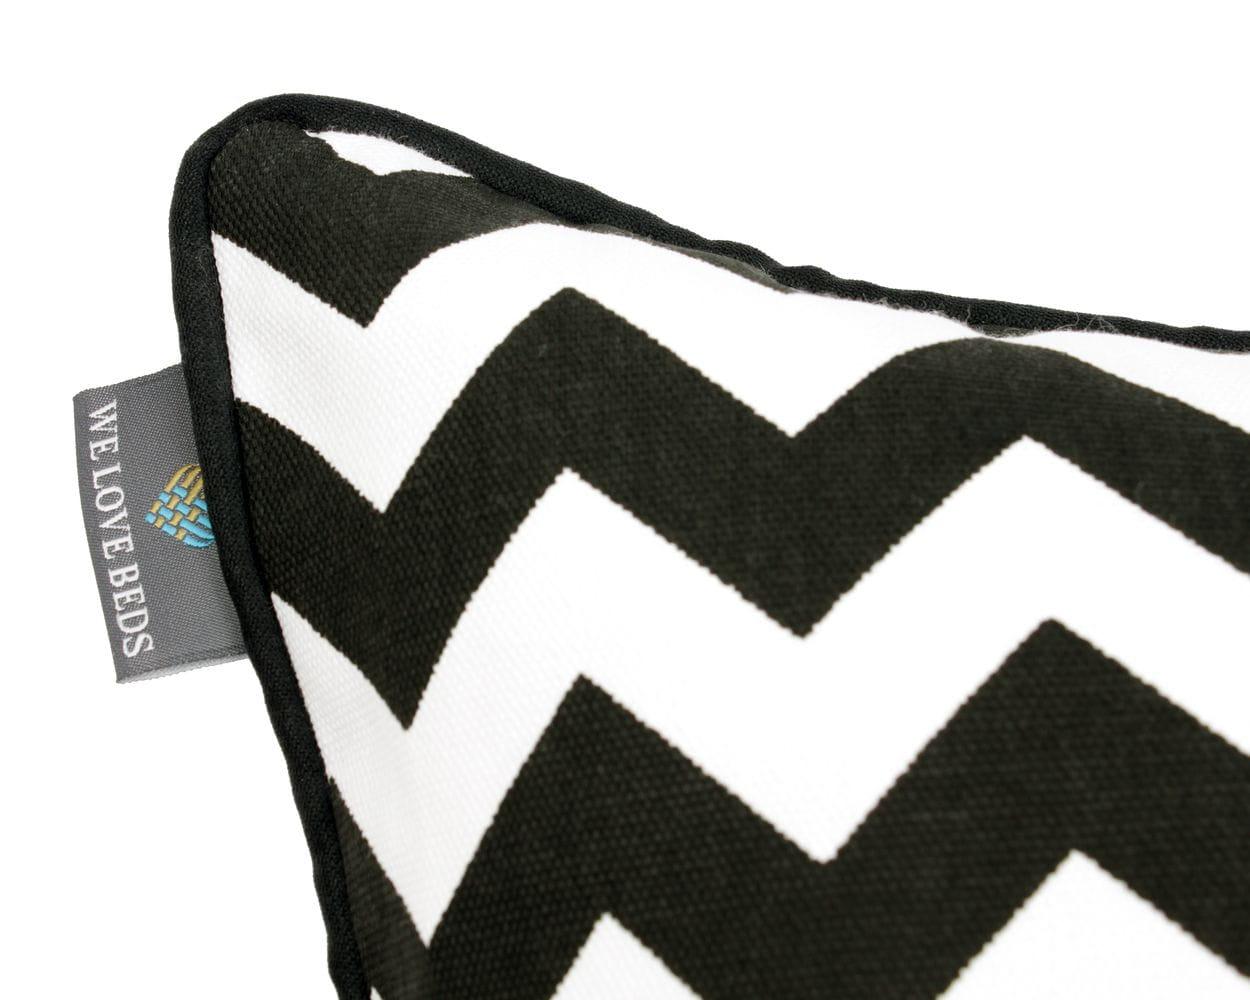 Poduszka dekoracyjna Zig Zag Black White 60x60 cm - We Love Candles&We Love Beds